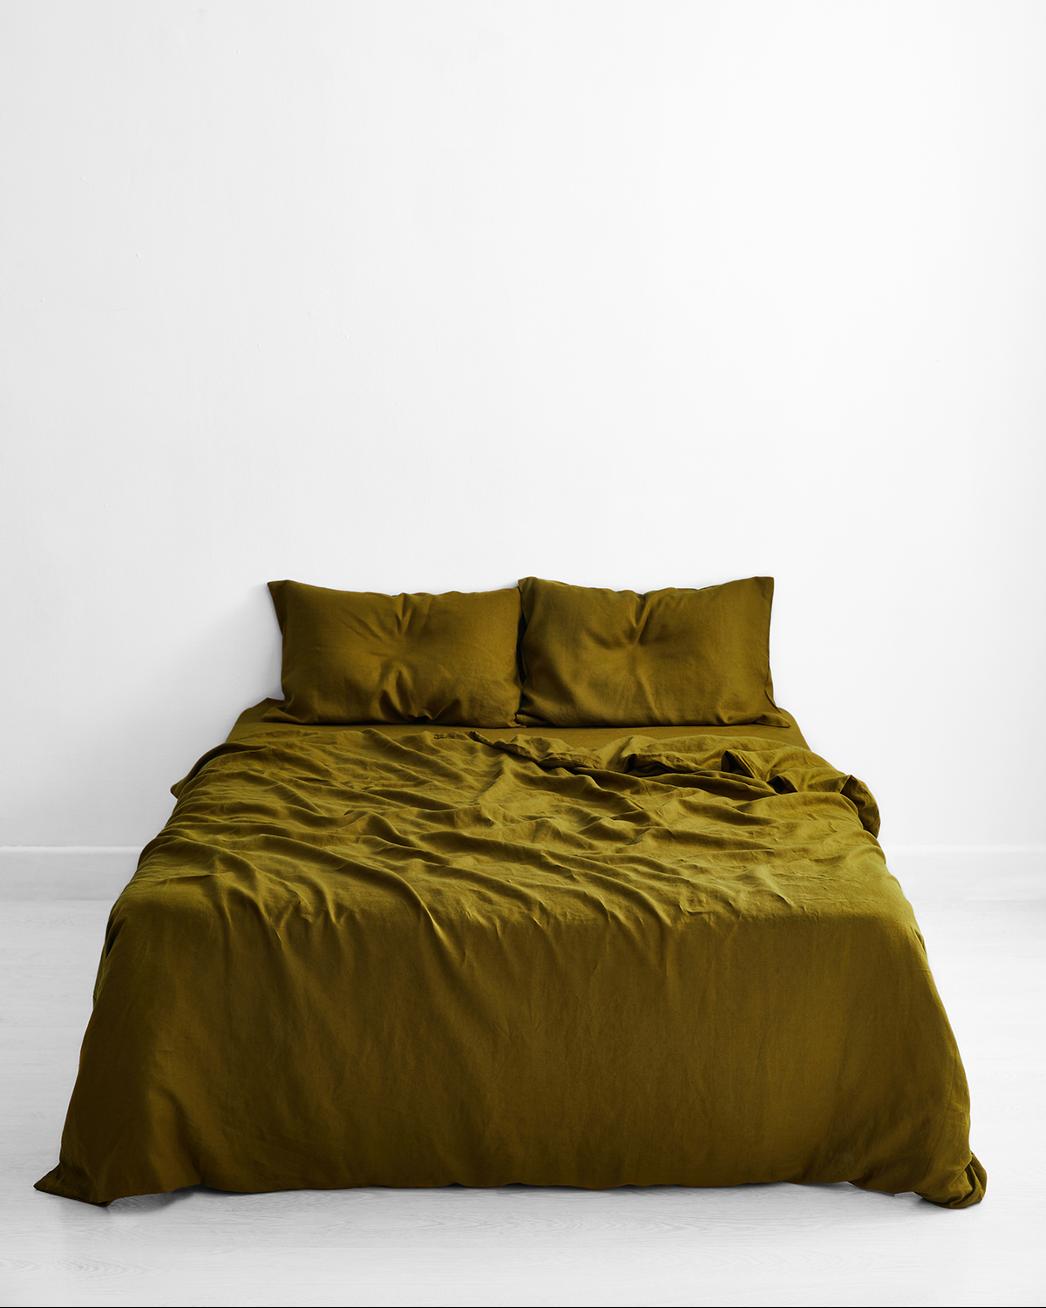 Khaki 100% Flax Linen Bedding Set